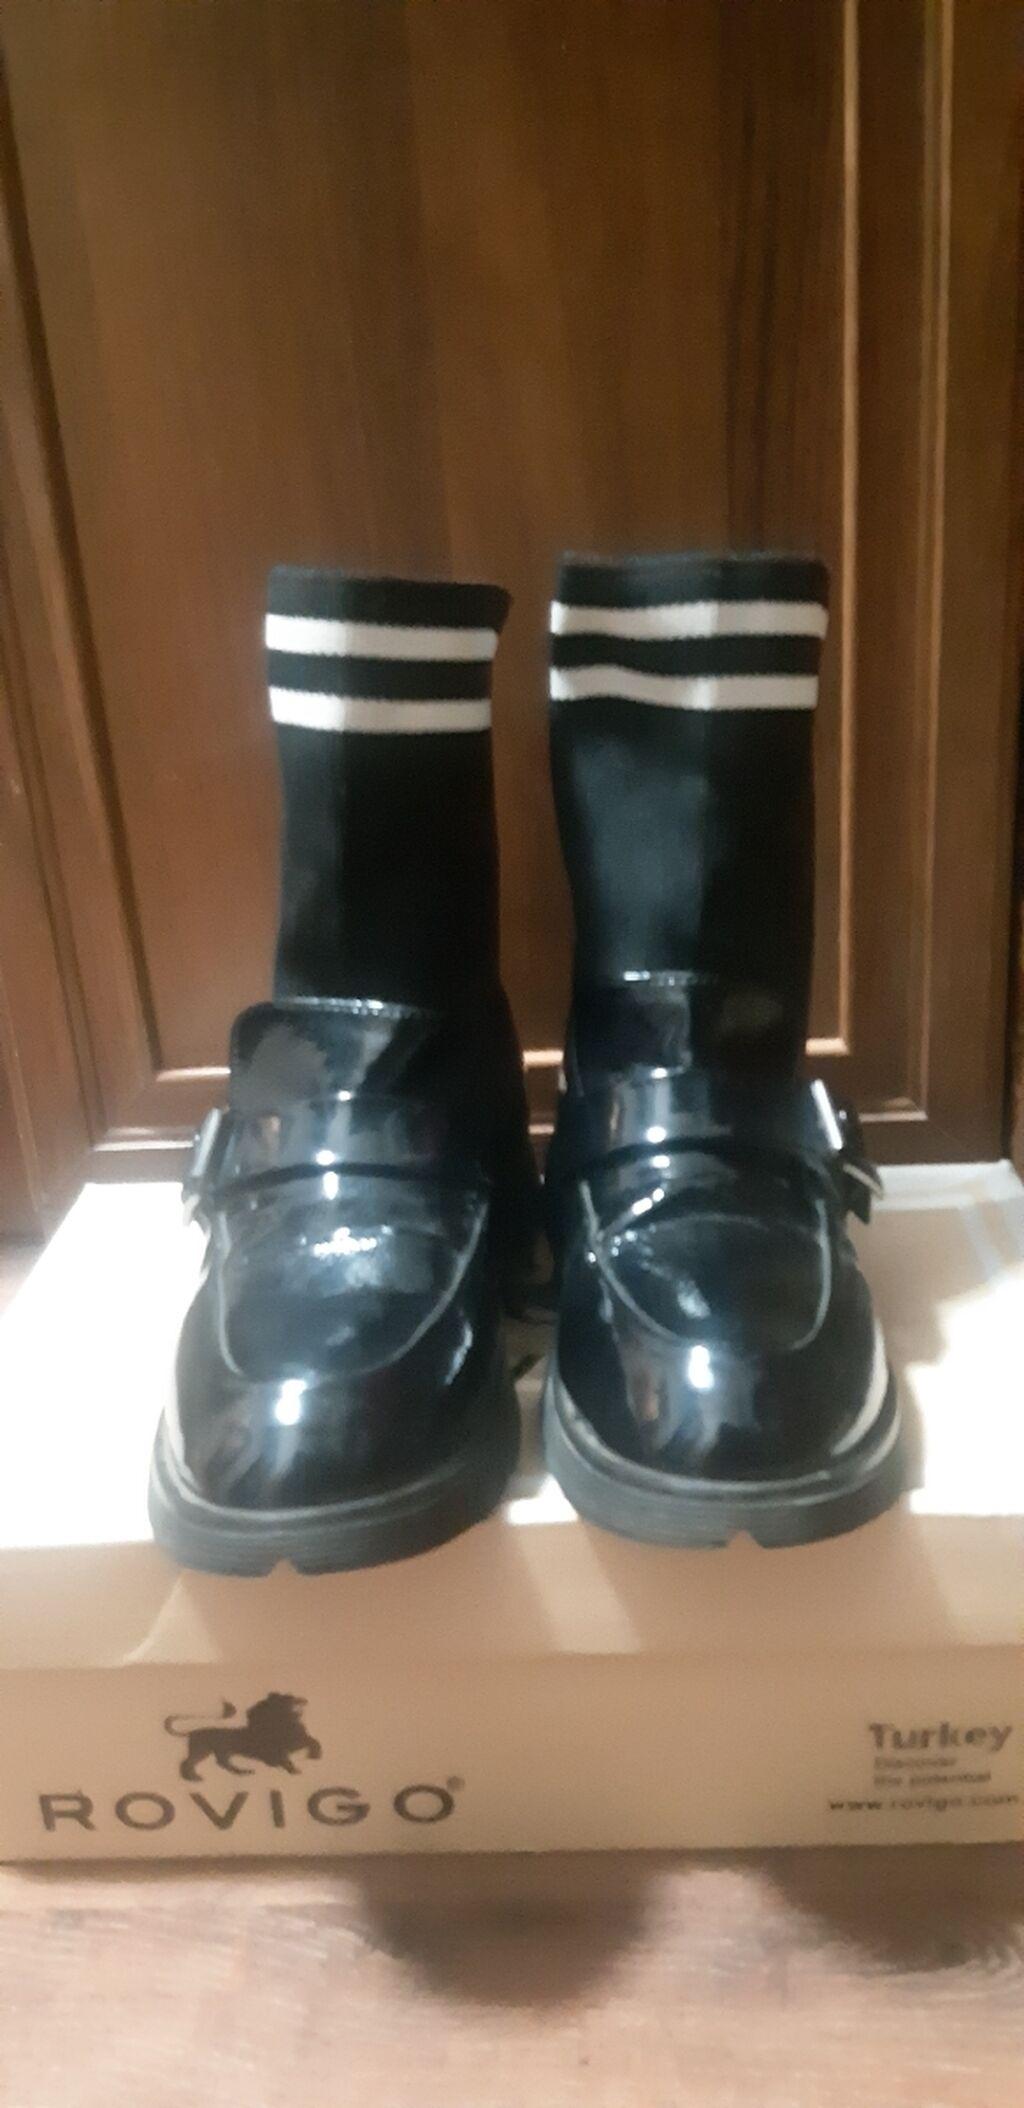 Детское деми ботинка,люкс качествосостояние отличное .размер 34-35 | Объявление создано 12 Сентябрь 2021 15:50:31 | ДЕТСКАЯ ОБУВЬ: Детское деми ботинка,люкс качествосостояние отличное .размер 34-35